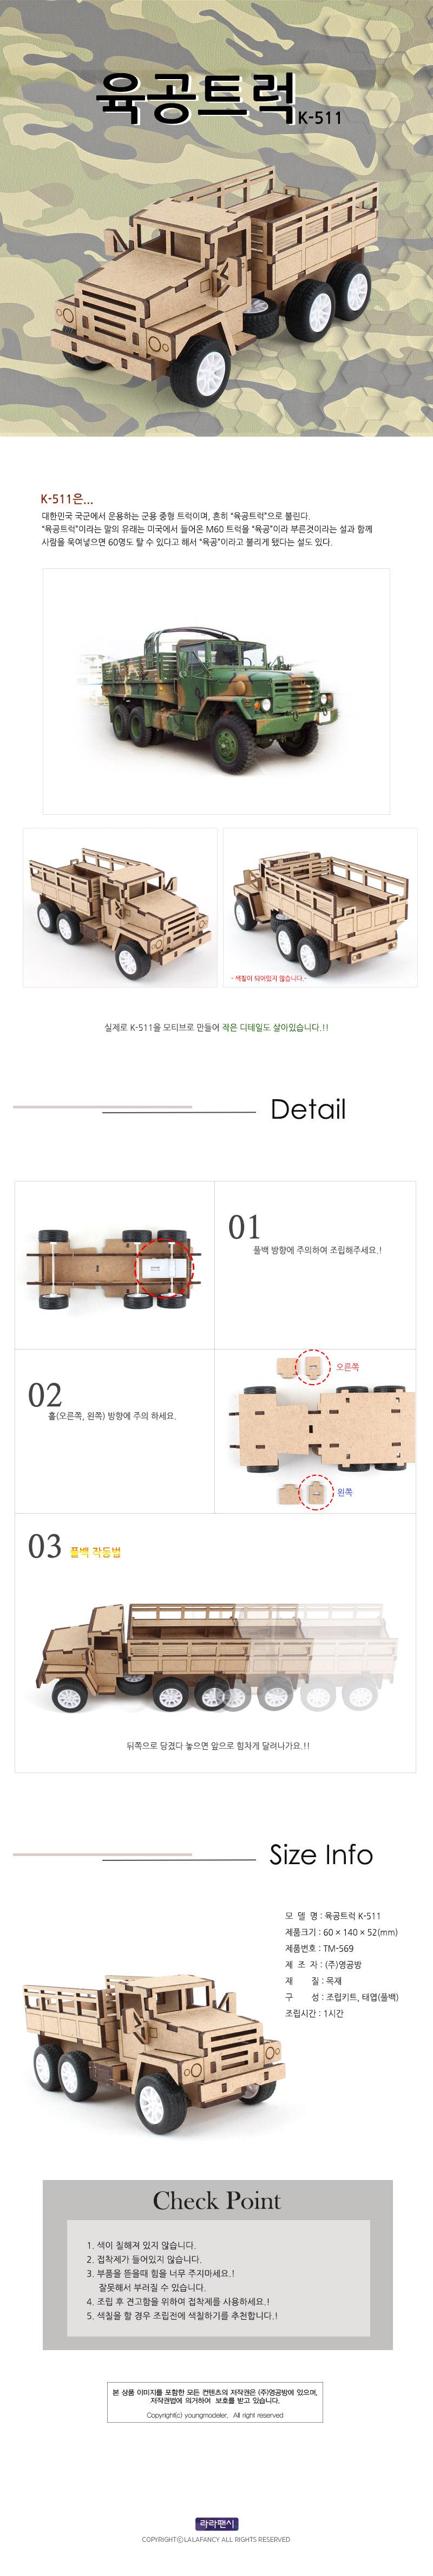 DIY 조립 풀백  육공트럭 - 아이비스, 8,000원, 조각/퍼즐, 우드퍼즐